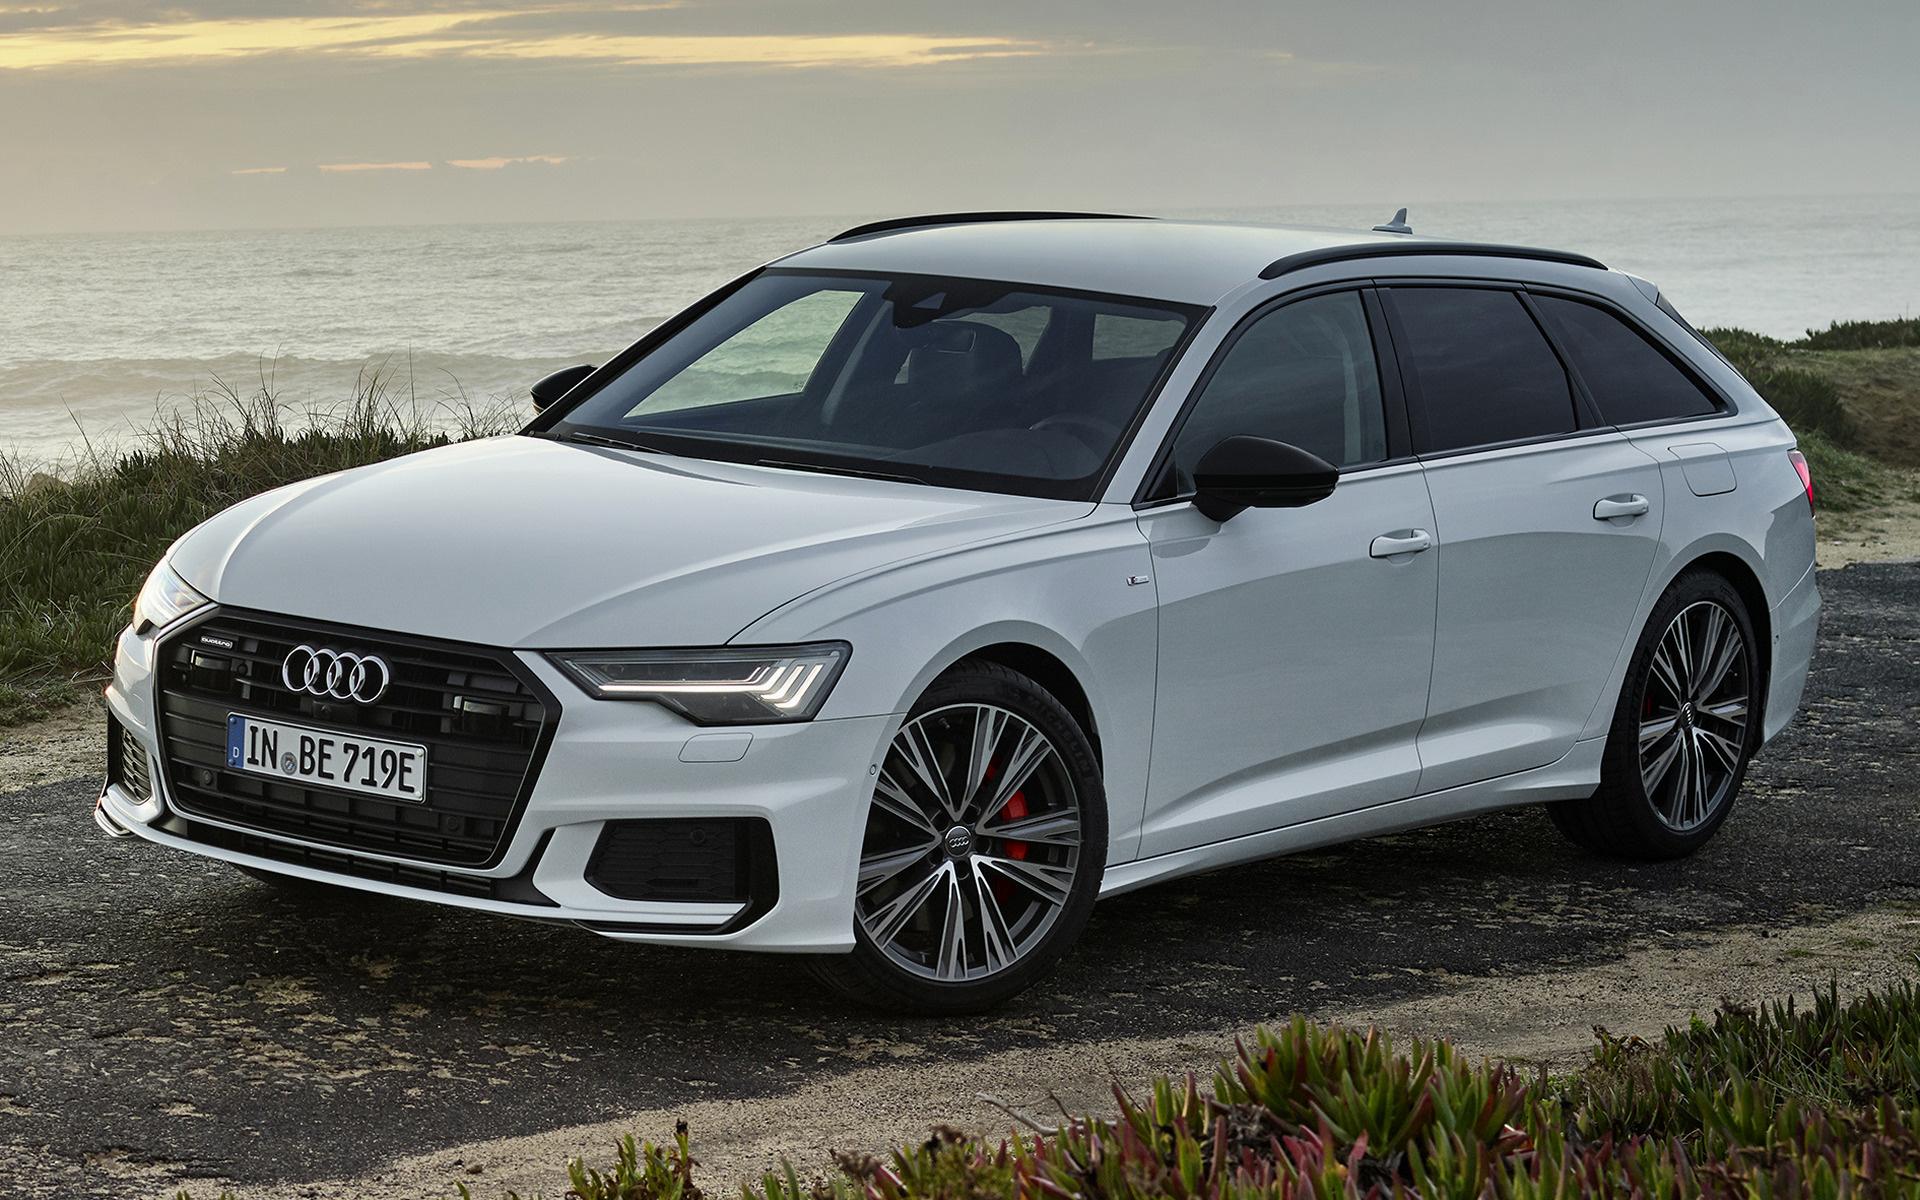 2020 Audi A6 Wallpaper